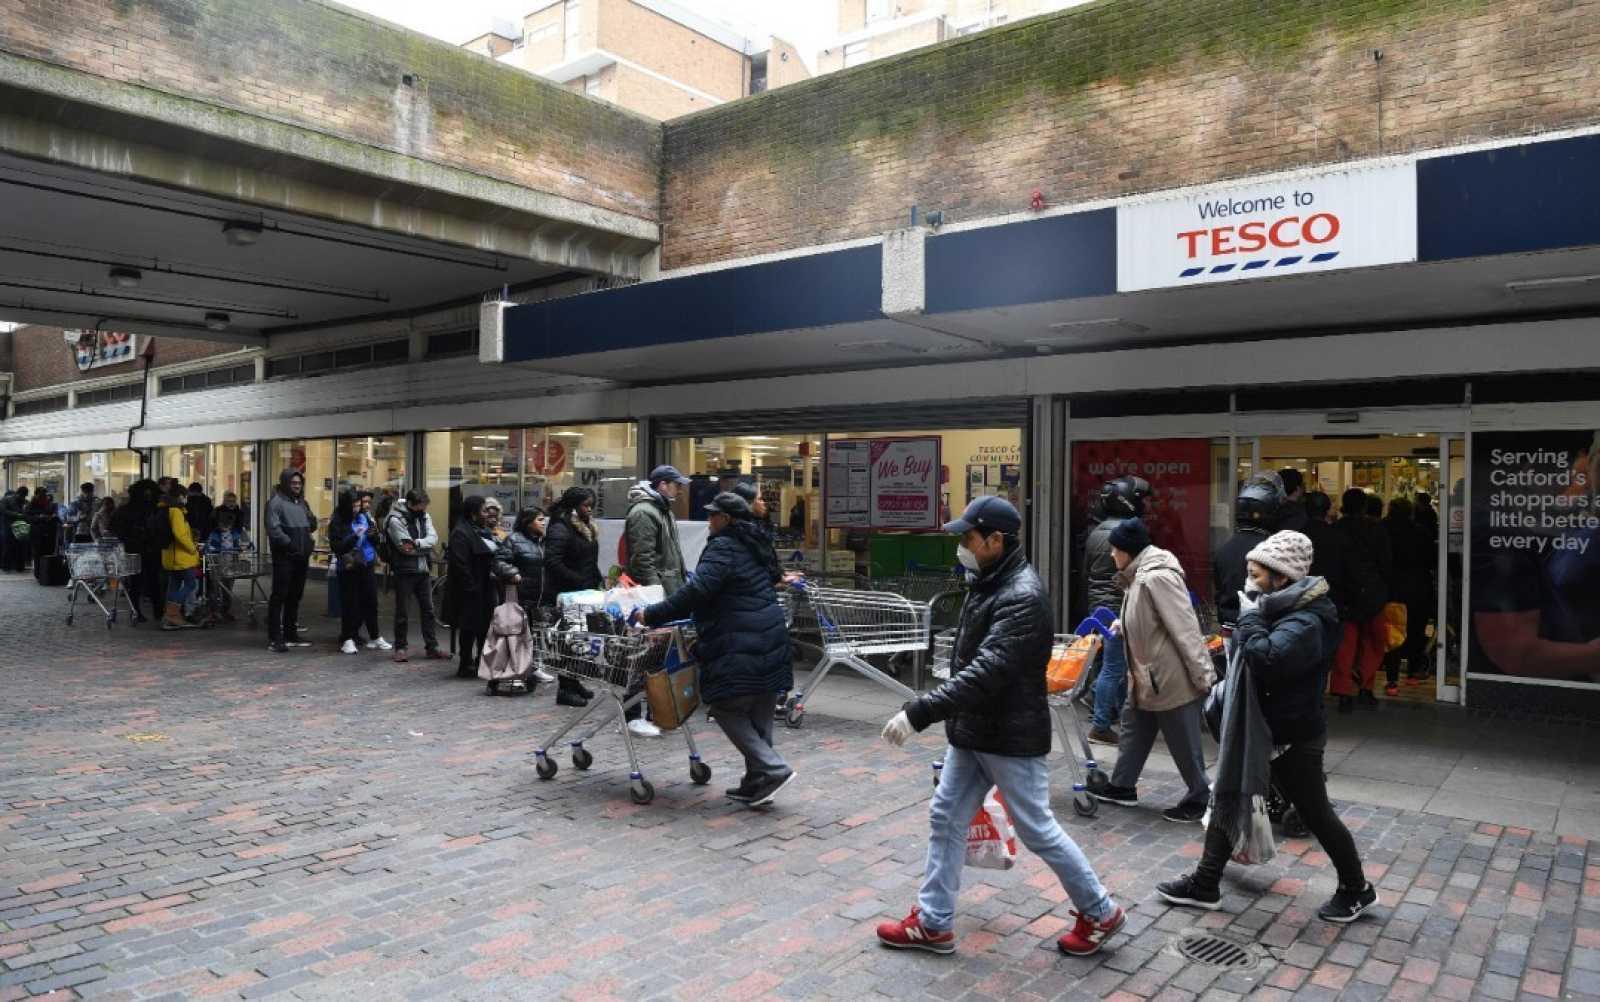 Gente esperando en fila para hacer la compra en un supermercado en el sur de Londres, Reino Unido